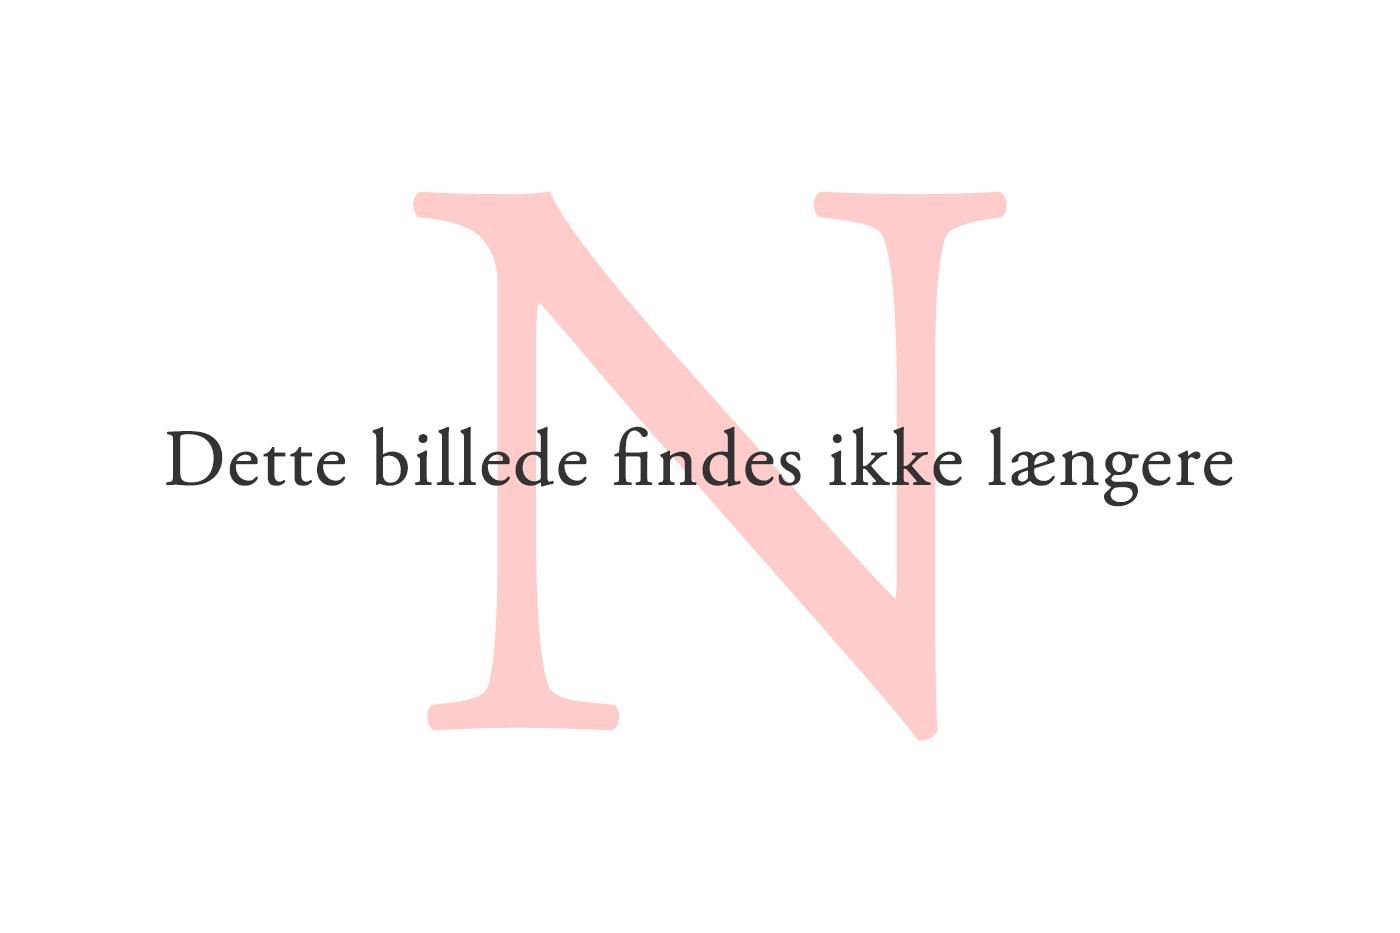 Kolonihaver skal samle Nørrebro